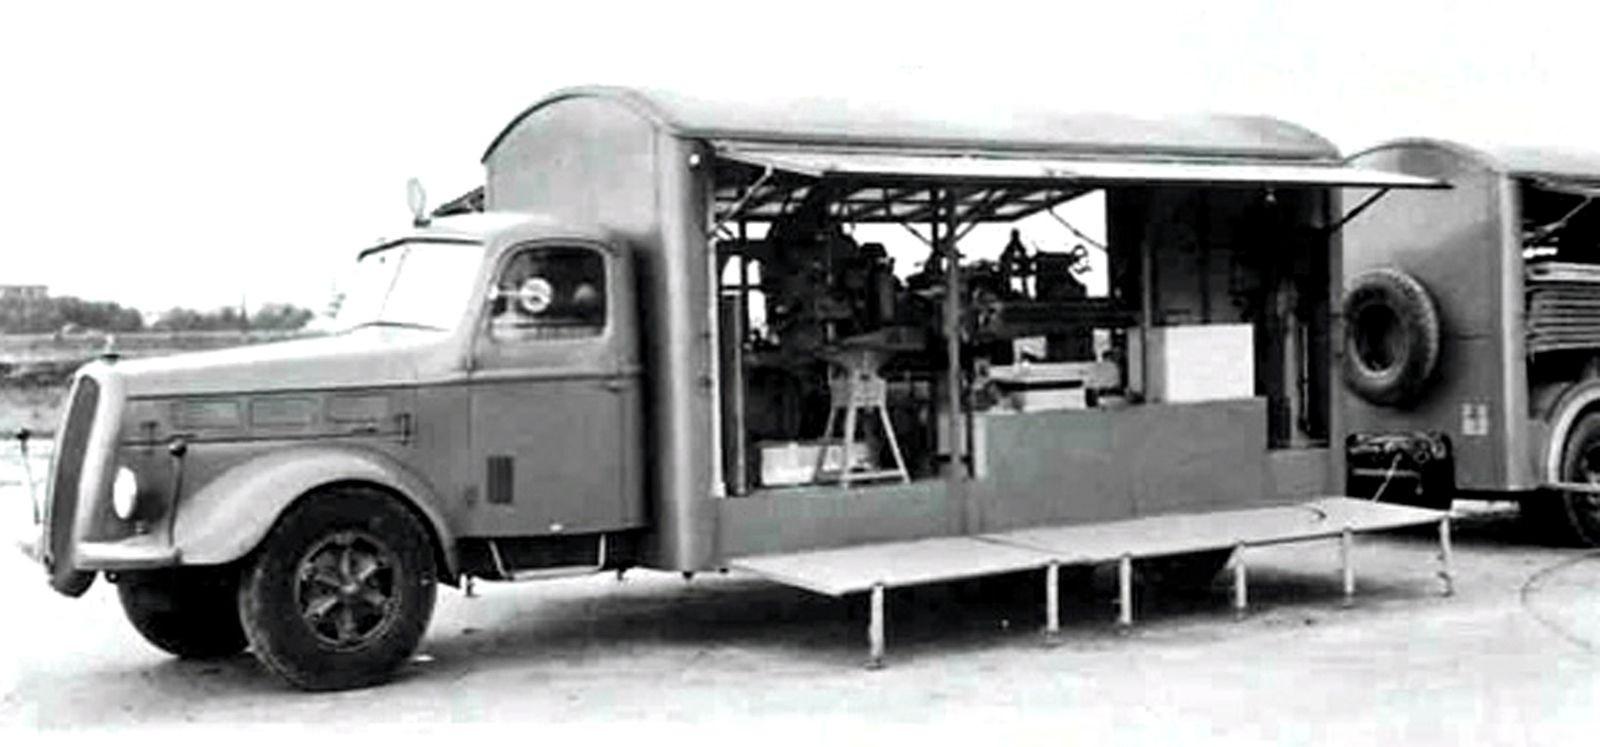 Скоростные легковушки и самые красивые грузовики: неизвестные итальянские автомобили Второй мировой войны